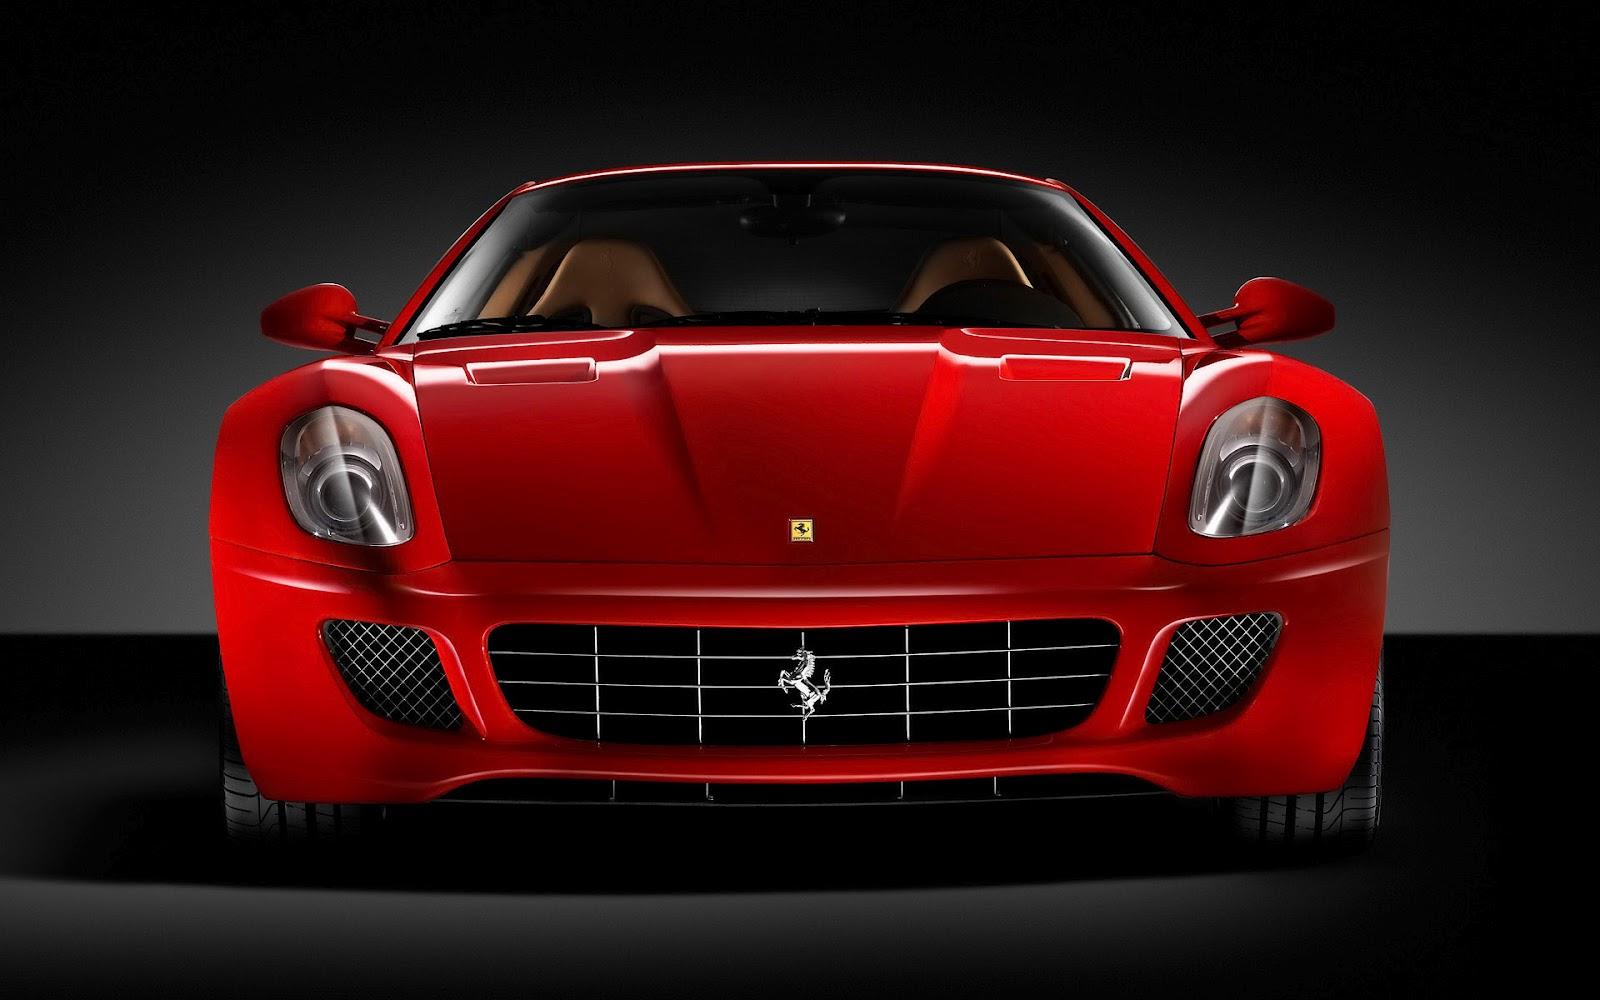 Ferrari Car Wallpaper Download